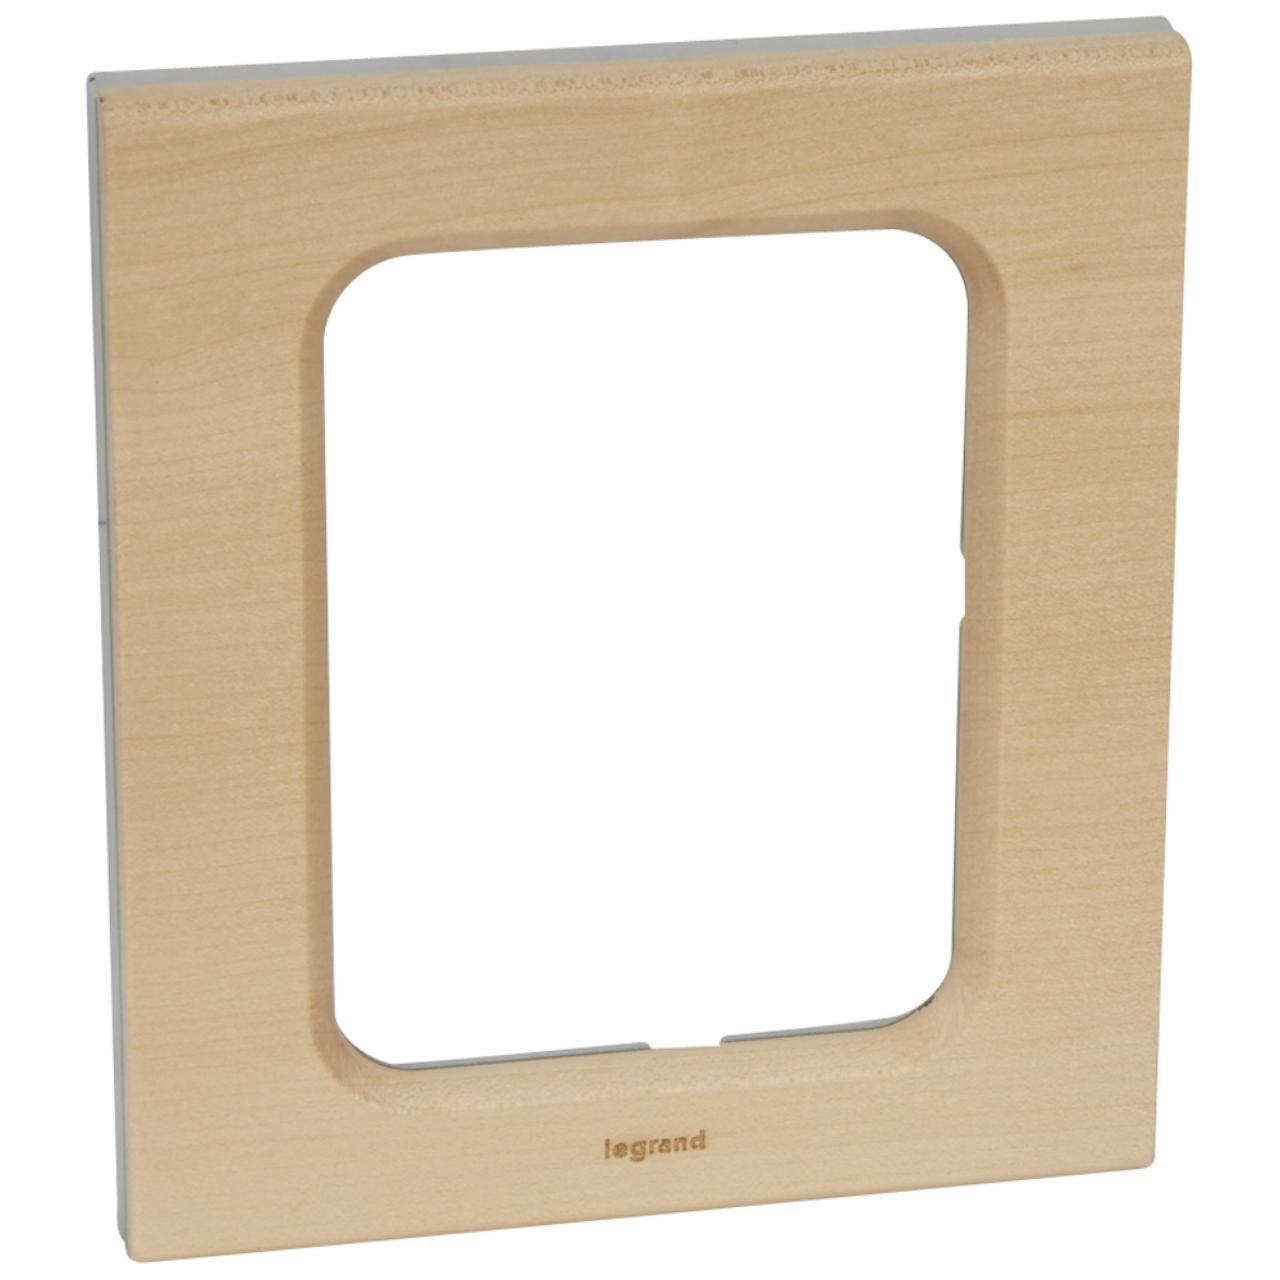 plaque pour cran tactile 3 5 pouces erable legrand c liane. Black Bedroom Furniture Sets. Home Design Ideas